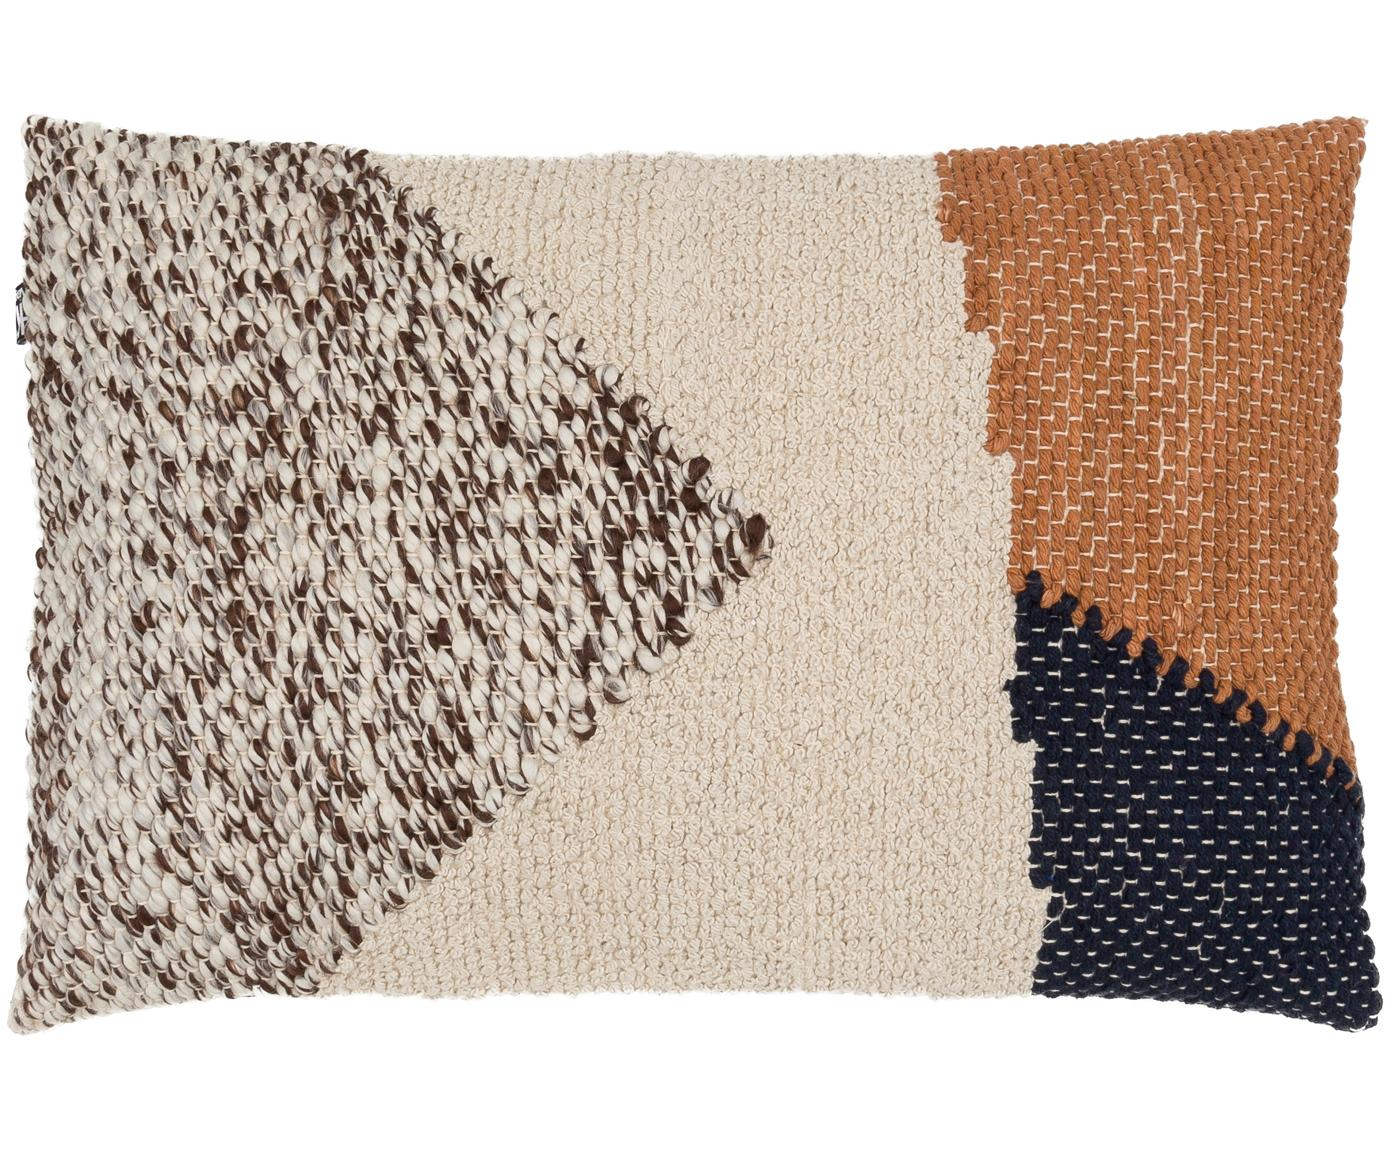 Cuscino fatto a mano con imbottitura Aztec, Custodia: 100% cotone, Marrone, blu scuro, crema, Larg. 40 x Lung. 60 cm